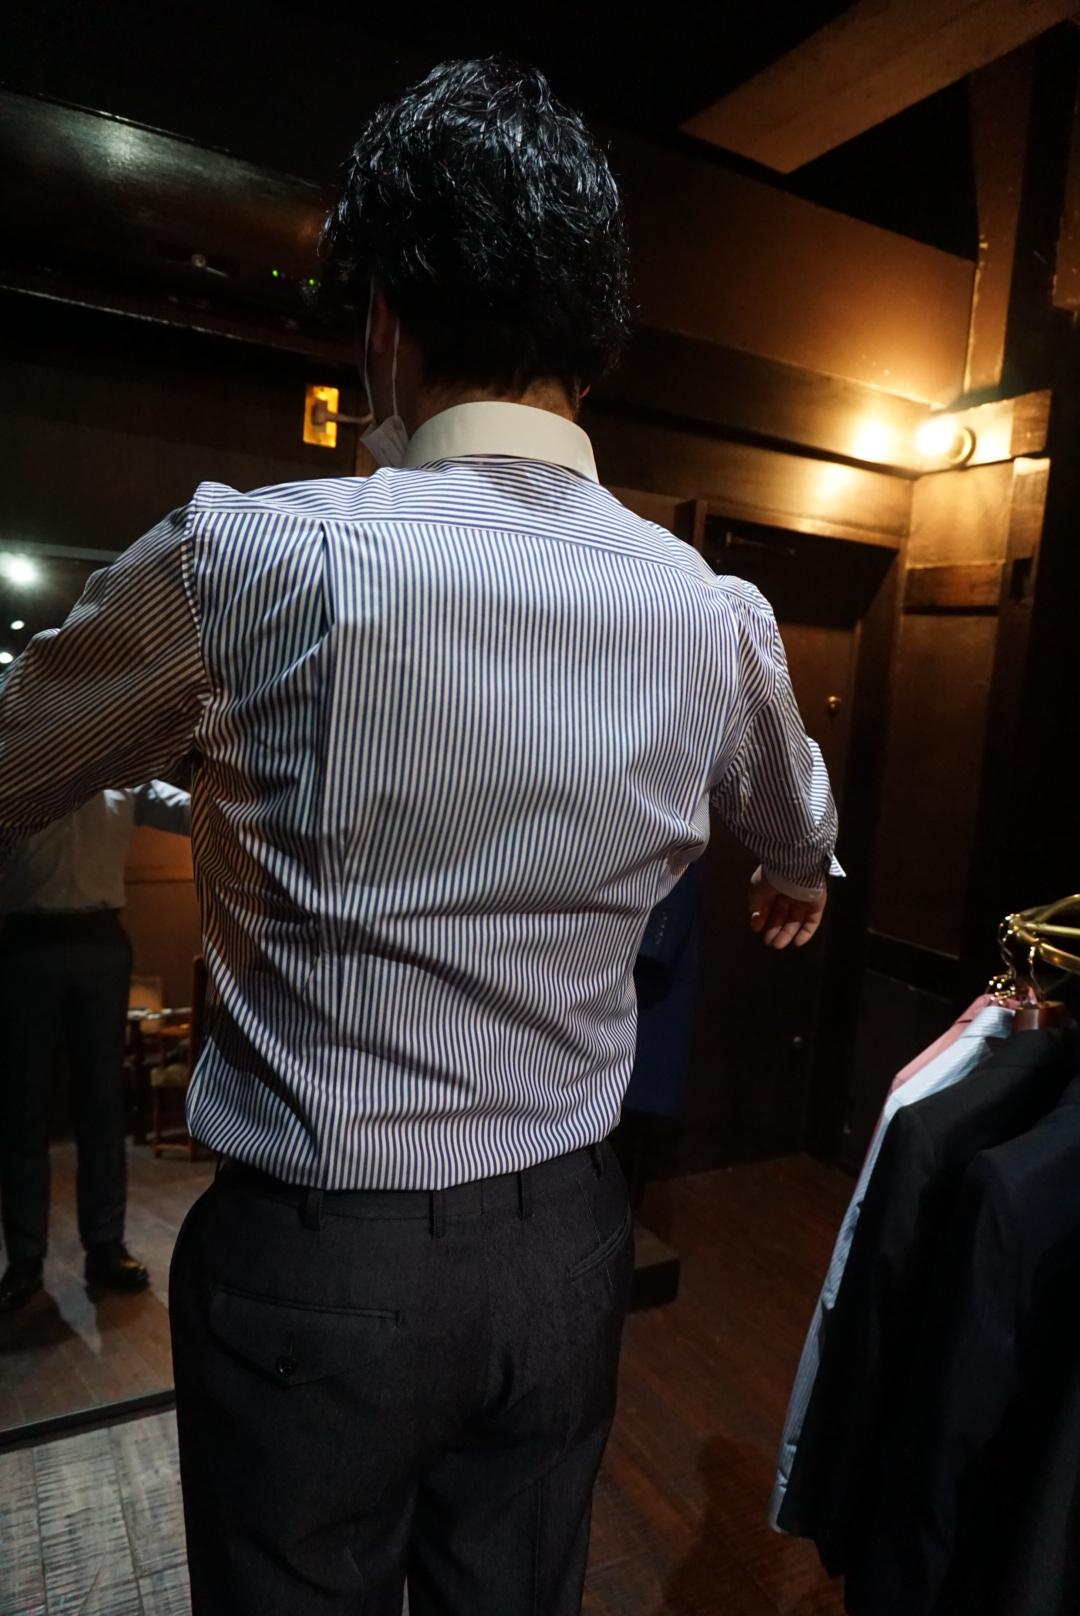 ビジネスカジュアルどうしてる?オーダーシャツとオーダーパンツのオススメ